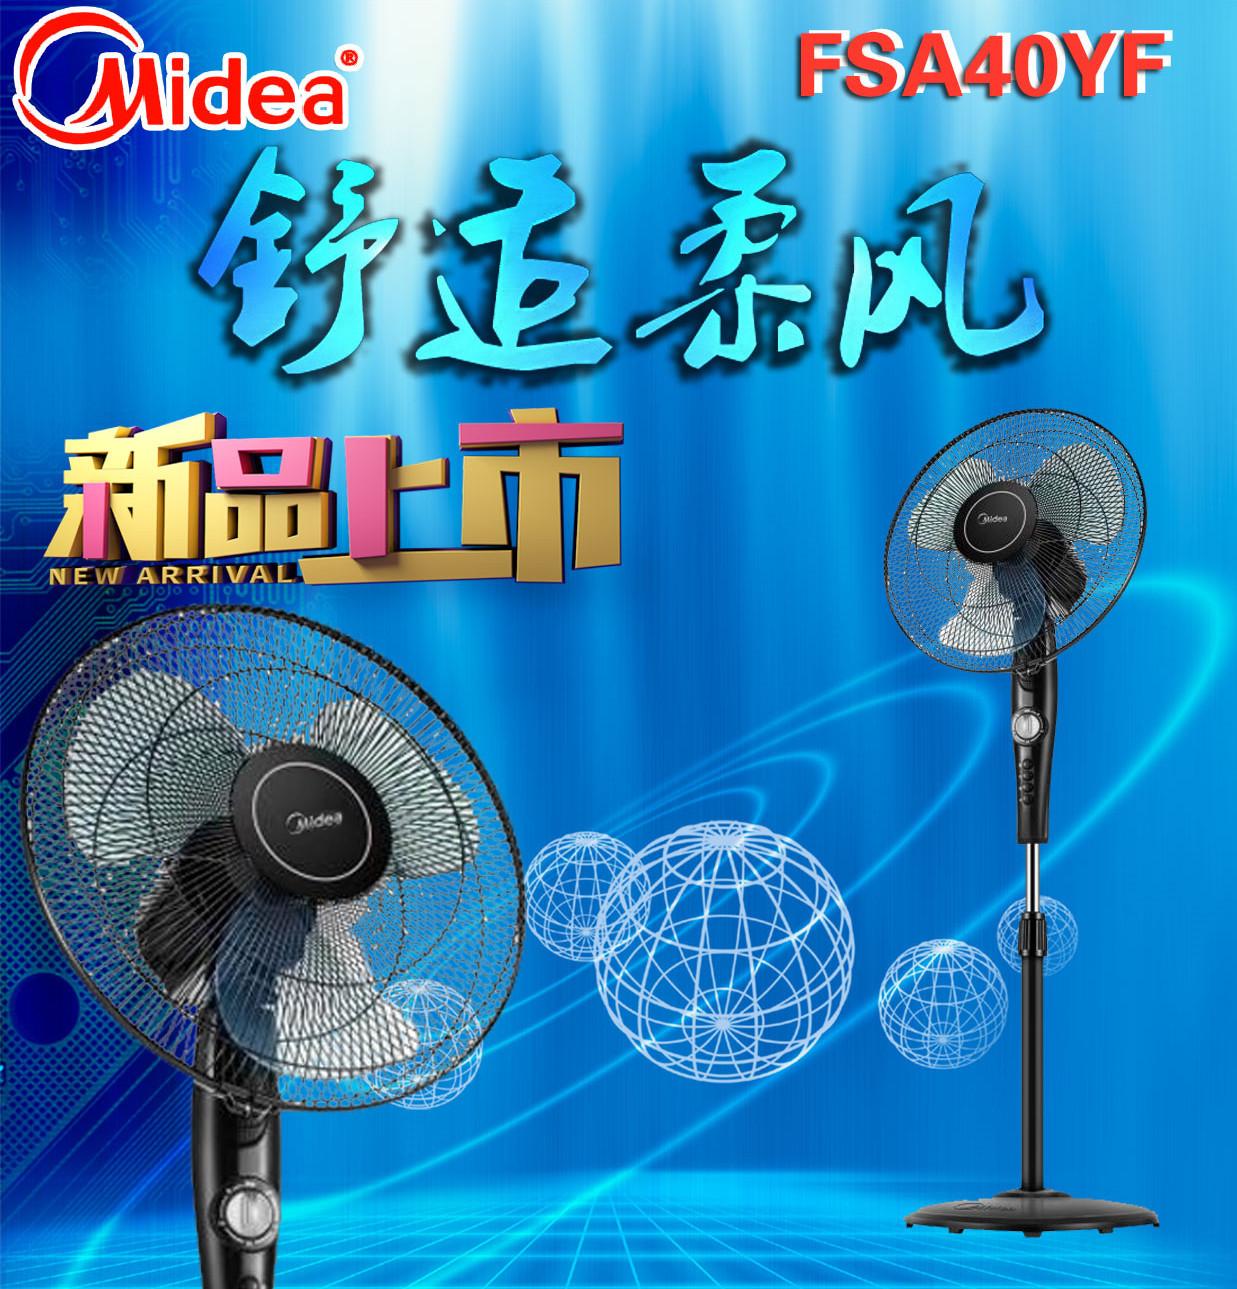 美的落地扇FSA40YE FSA40YF电风扇 摇头落地扇电风扇